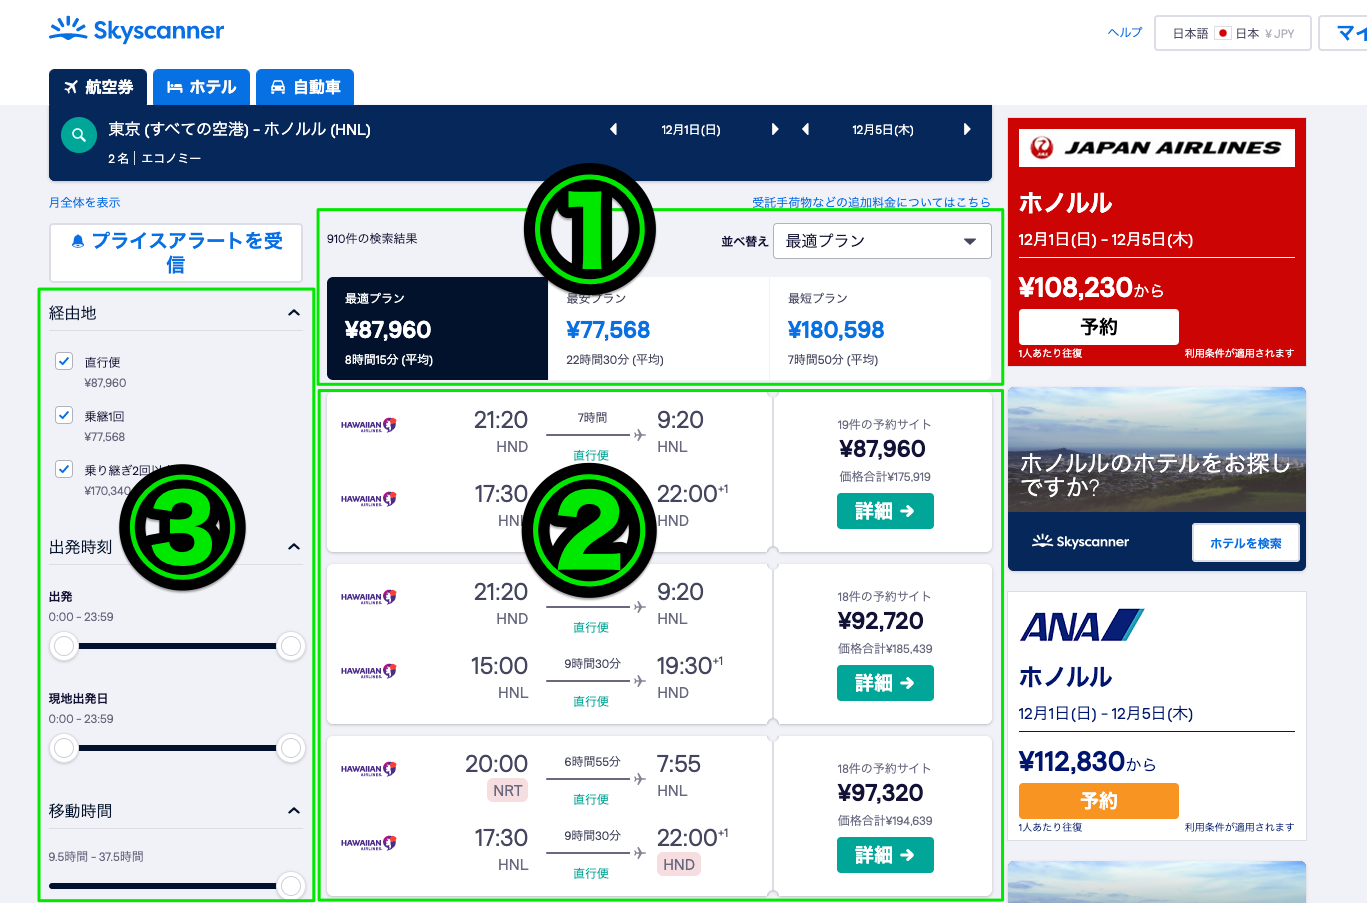 新しいスカイスキャナーの航空券一覧画面